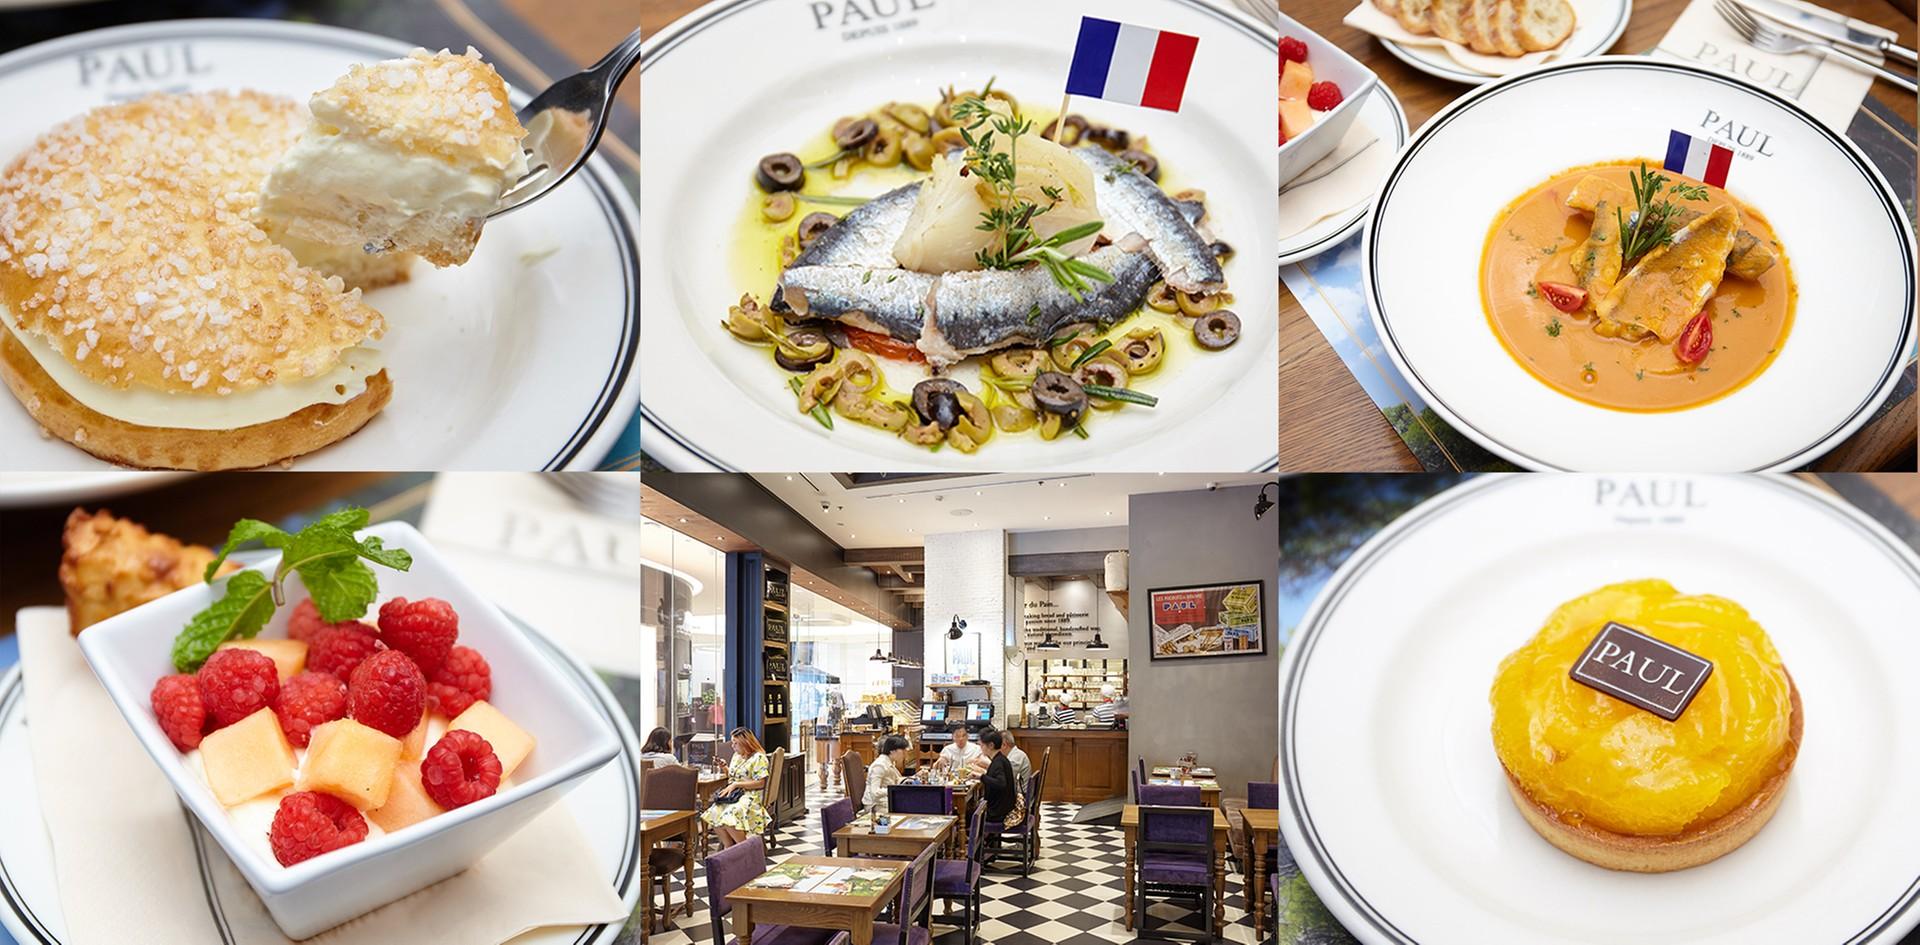 ลุ้นเที่ยวฝรั่งเศสฟรีถึง 4 ท่าน! เพียงแค่แวะทานอาหารที่Paul ครบ1,500.-